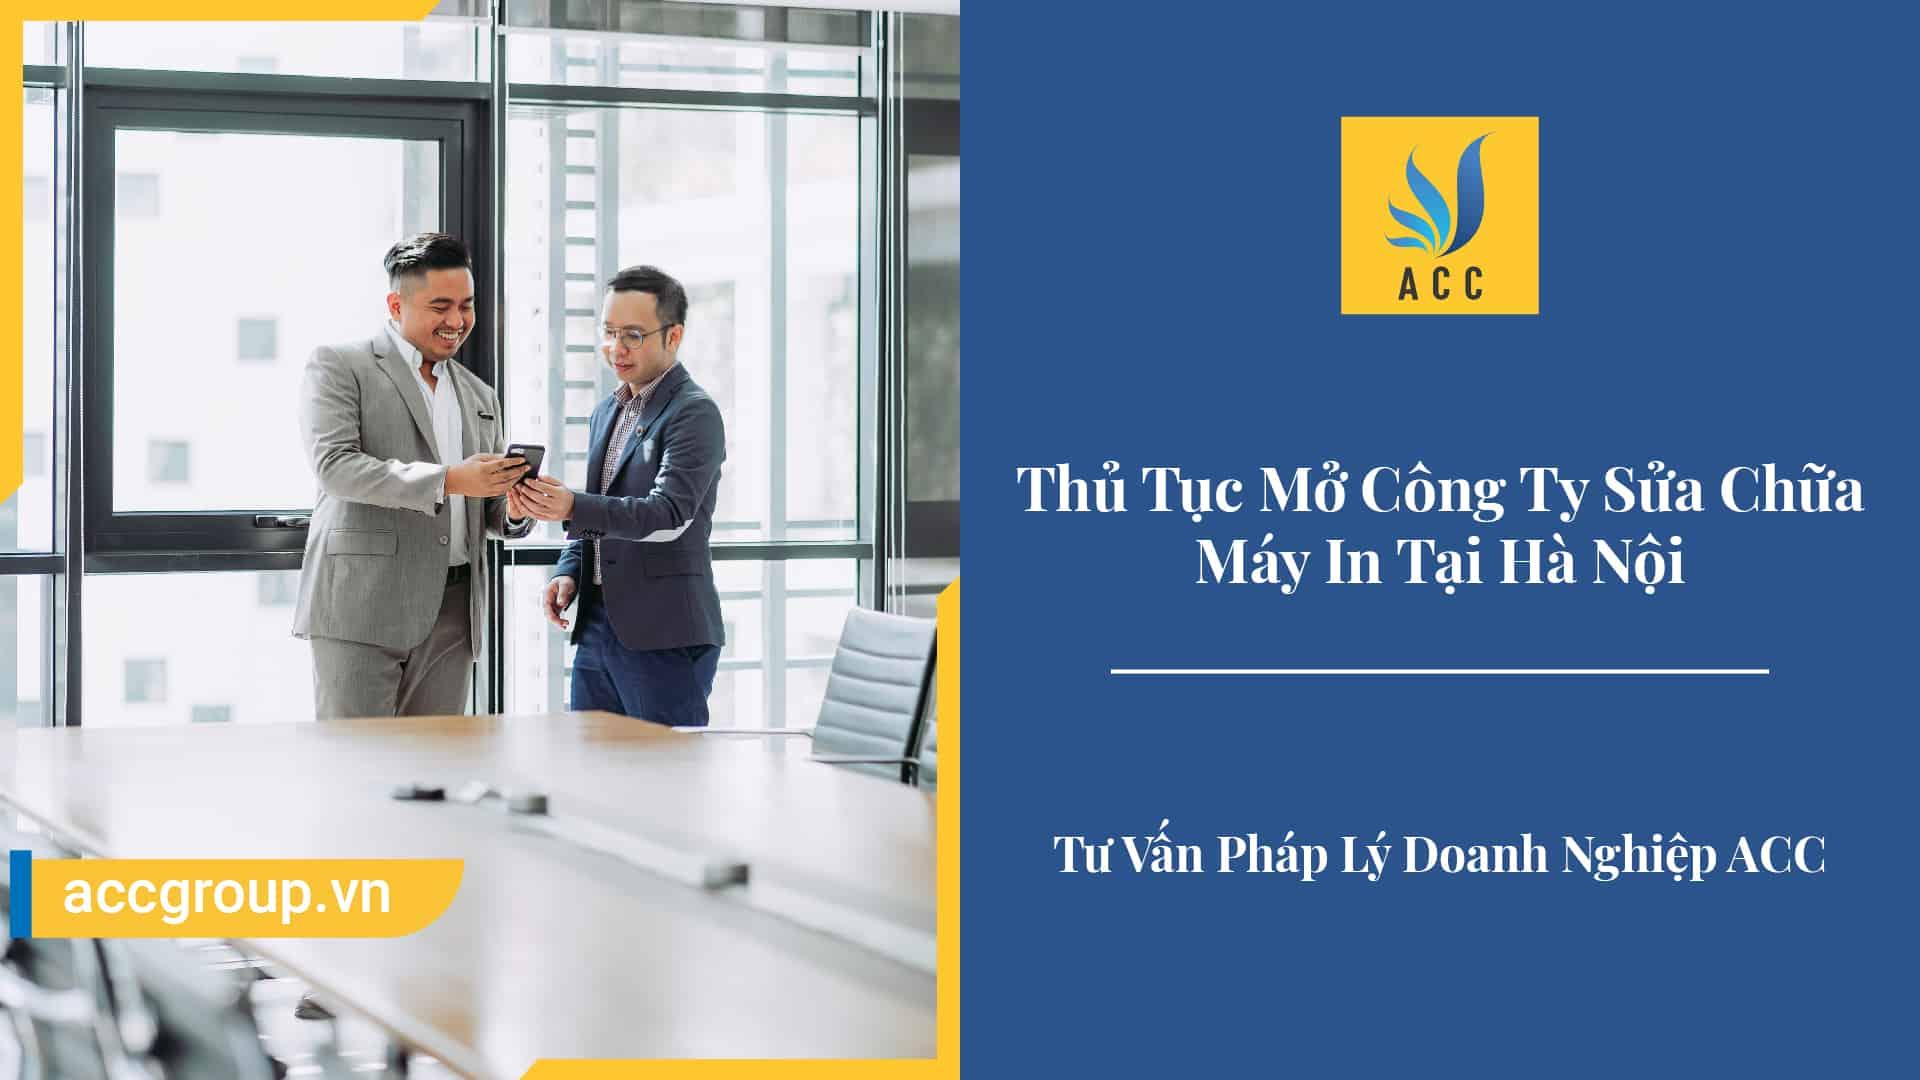 Thủ Tục Mở Công Ty Sửa Chữa Máy In Tại Hà Nội (Quy Định 2020)